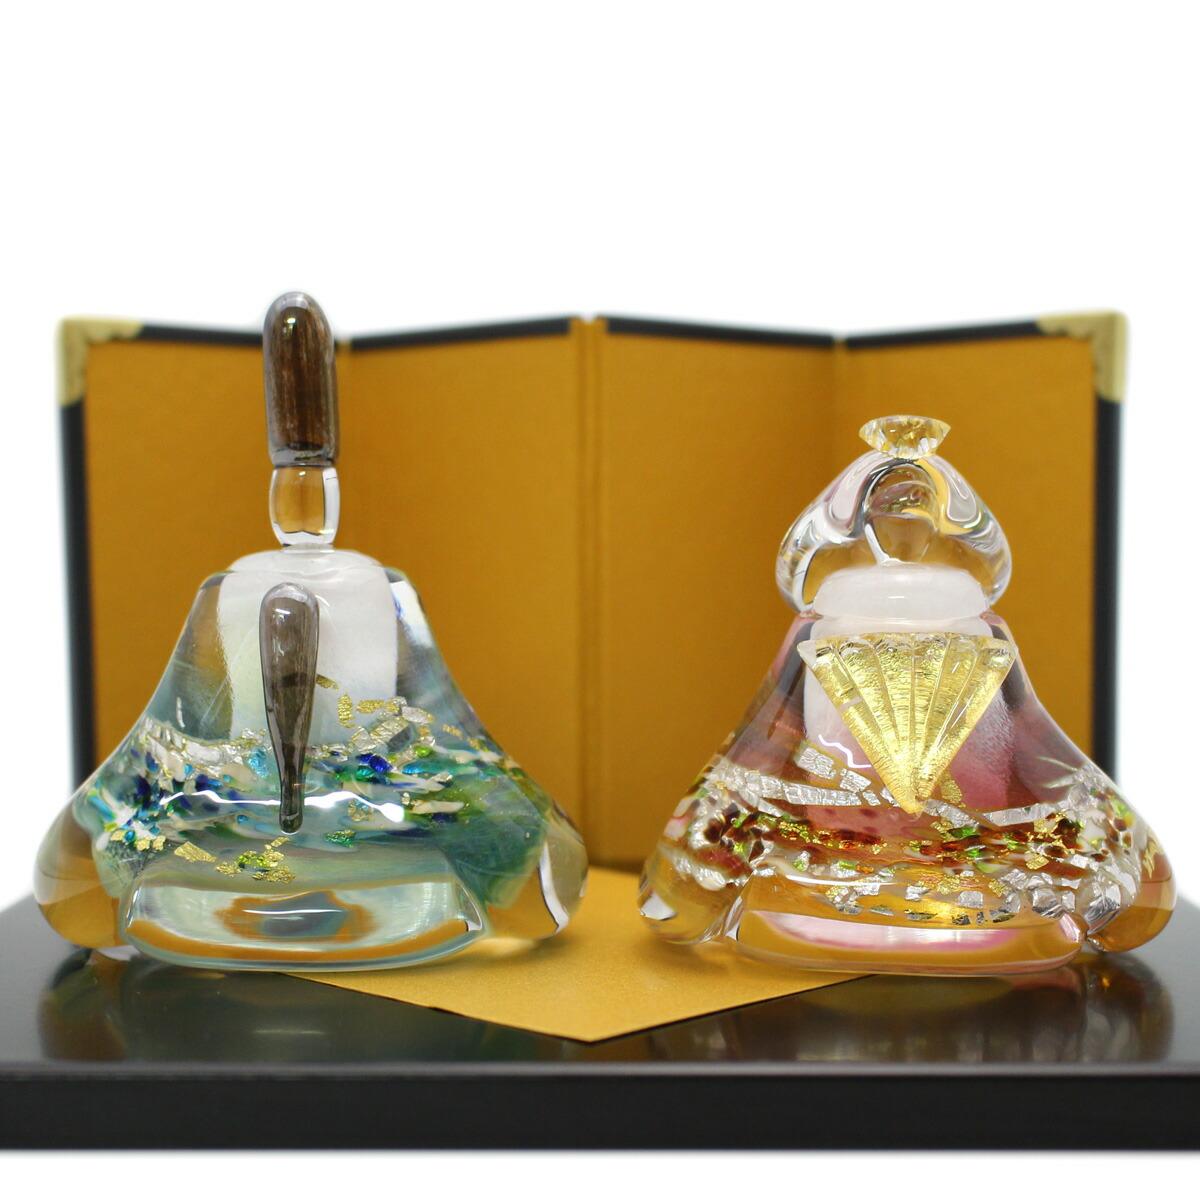 ガラスのお雛様 glass calico グラスキャリコ 華雛 ハンドメイド ガラスアート